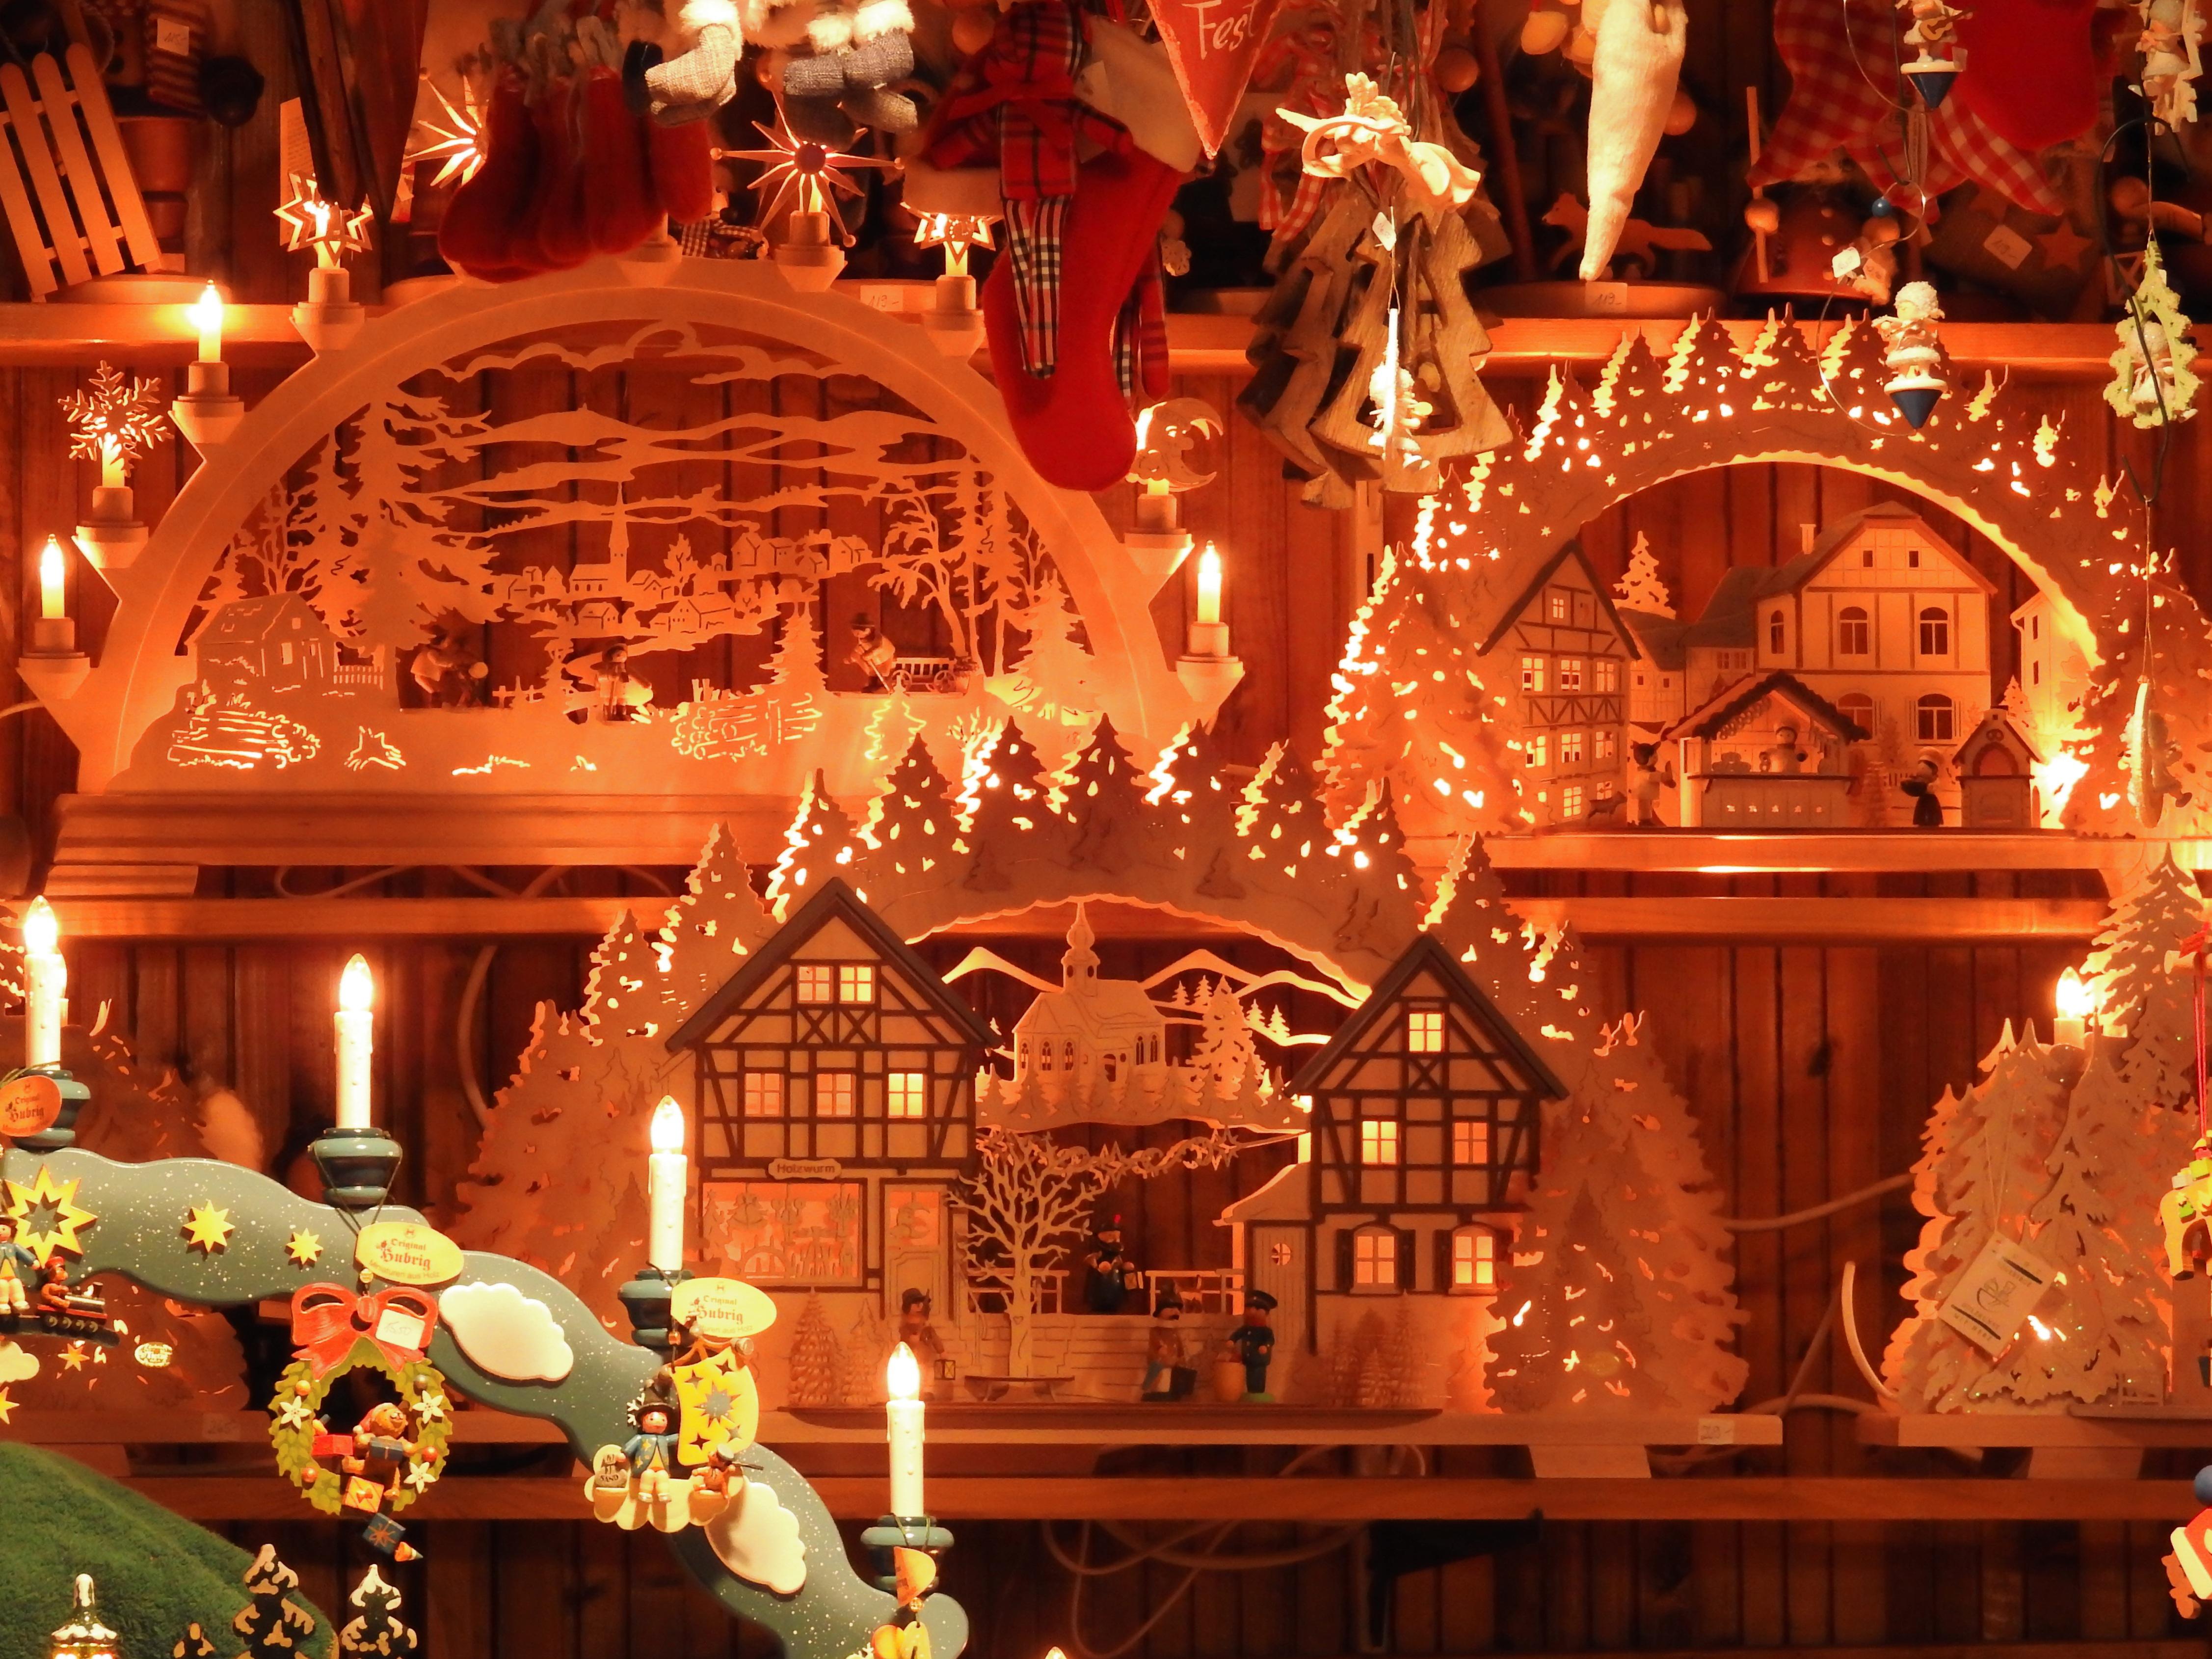 Decorazioni Sala Natale : Immagini belle : parco divertimenti natale avvento decorazione